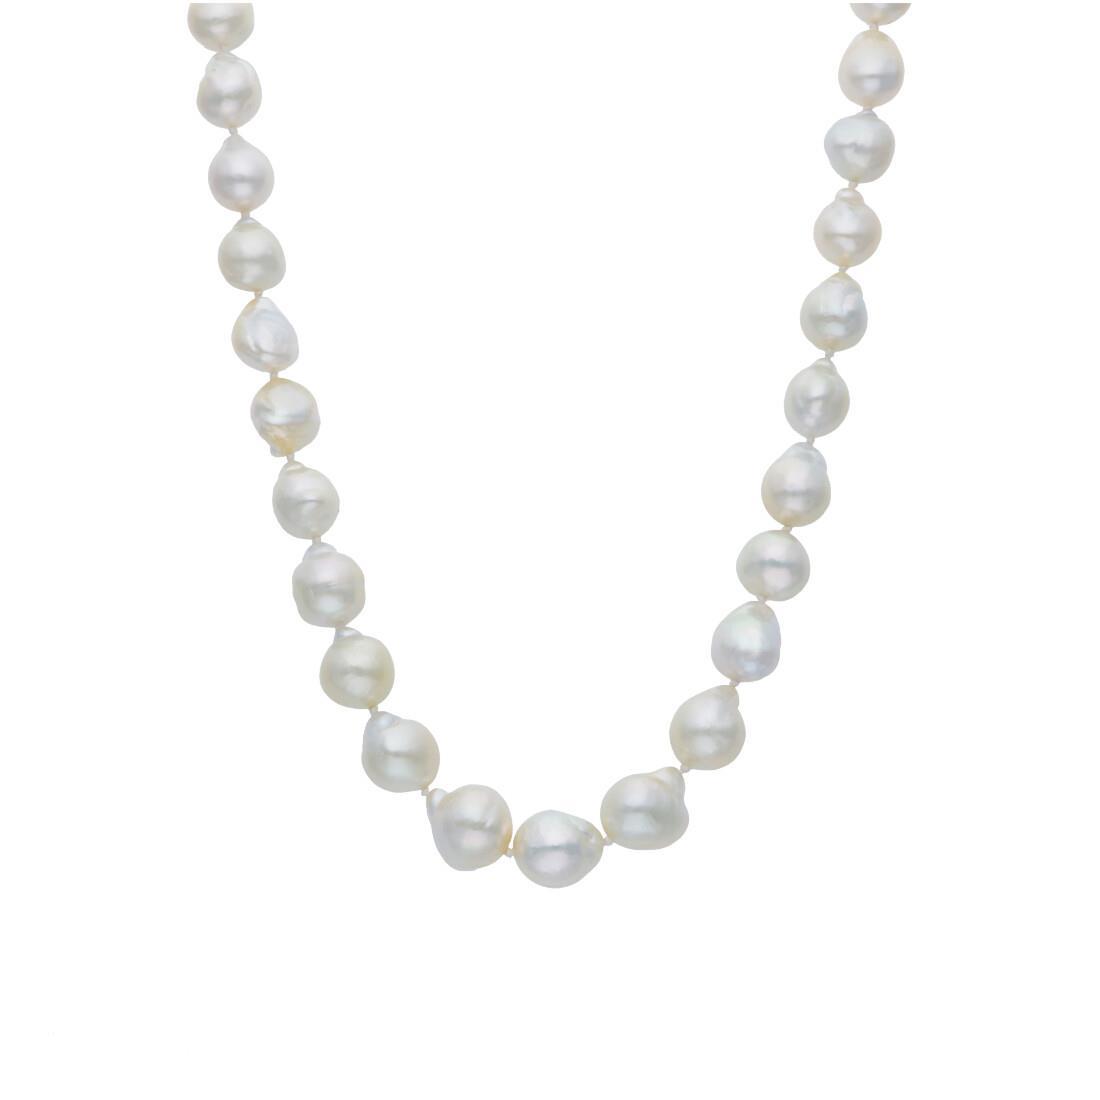 Collana di perle  - ALFIERI & ST. JOHN